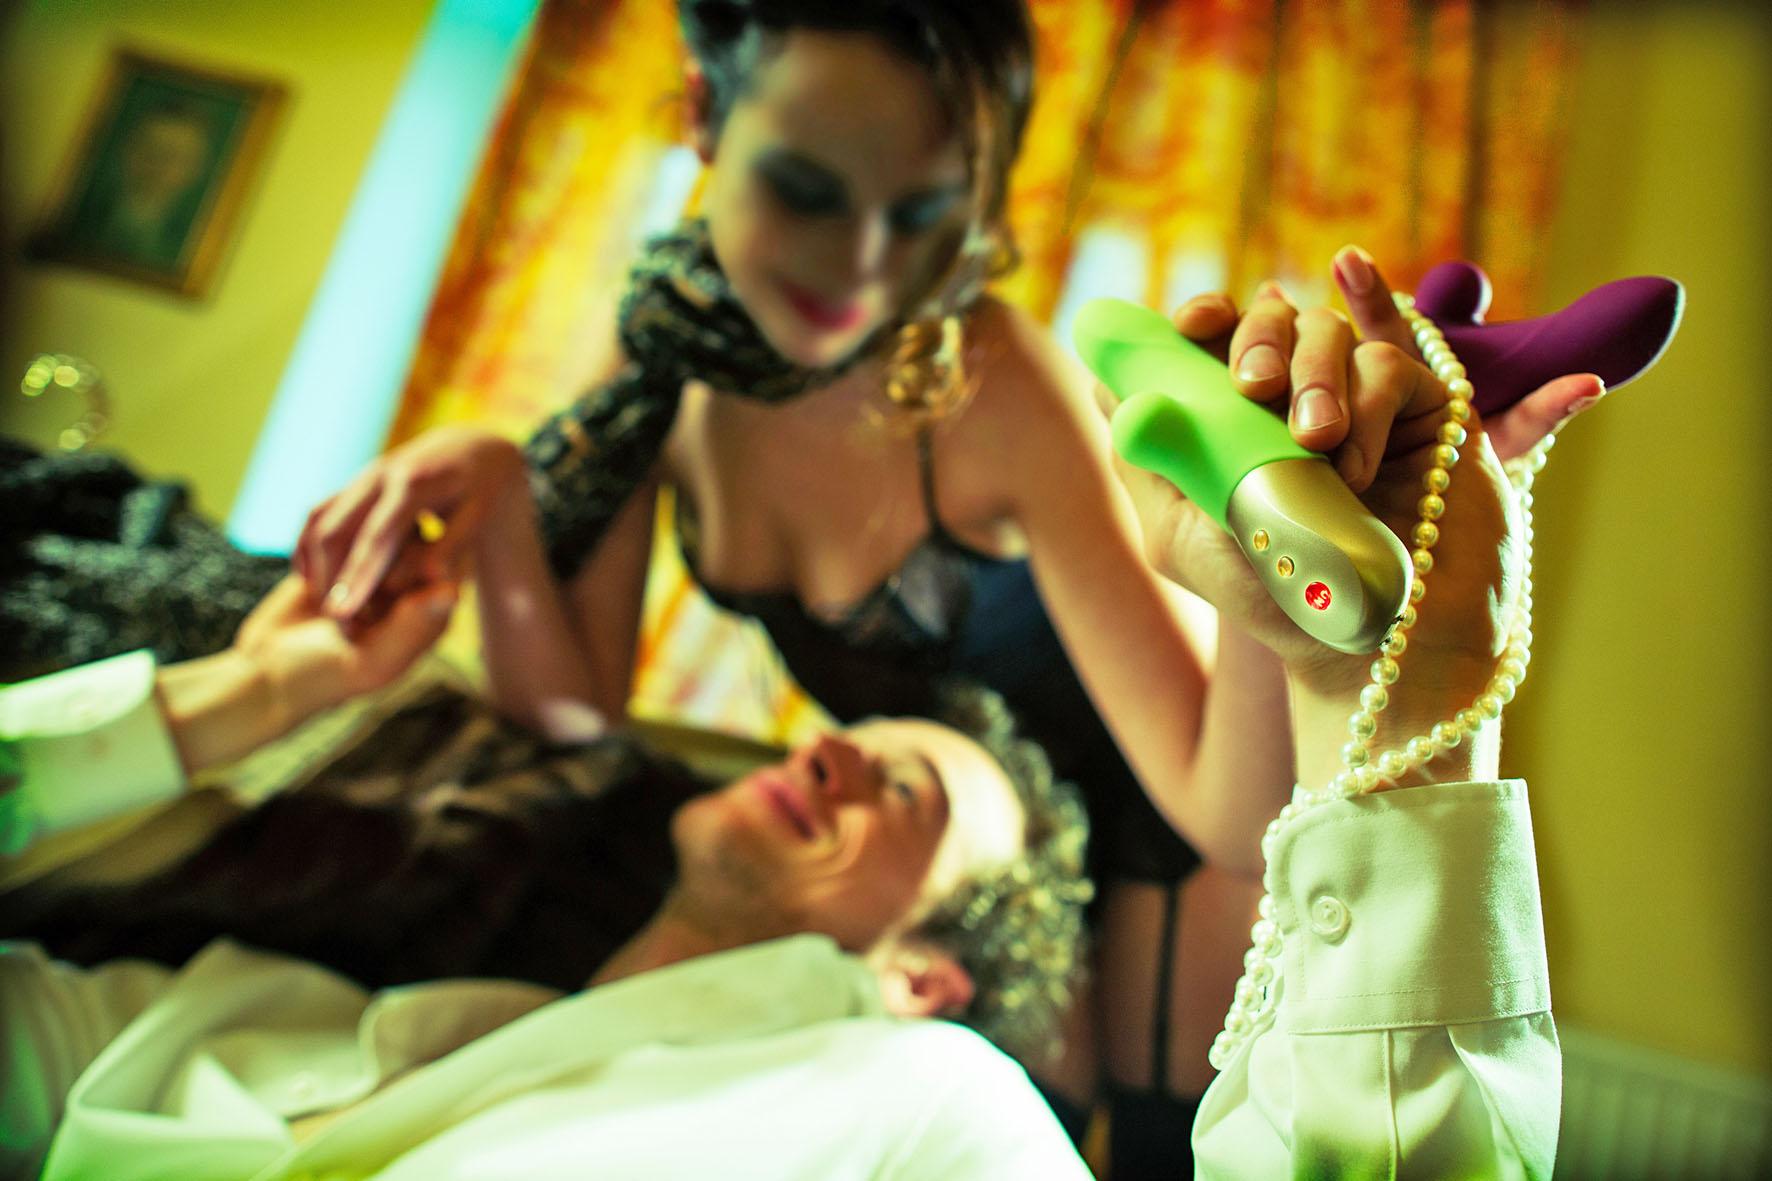 Laut der Fun Factory-Studie wünschen sich rund 40 Prozent sexuelle Experimente